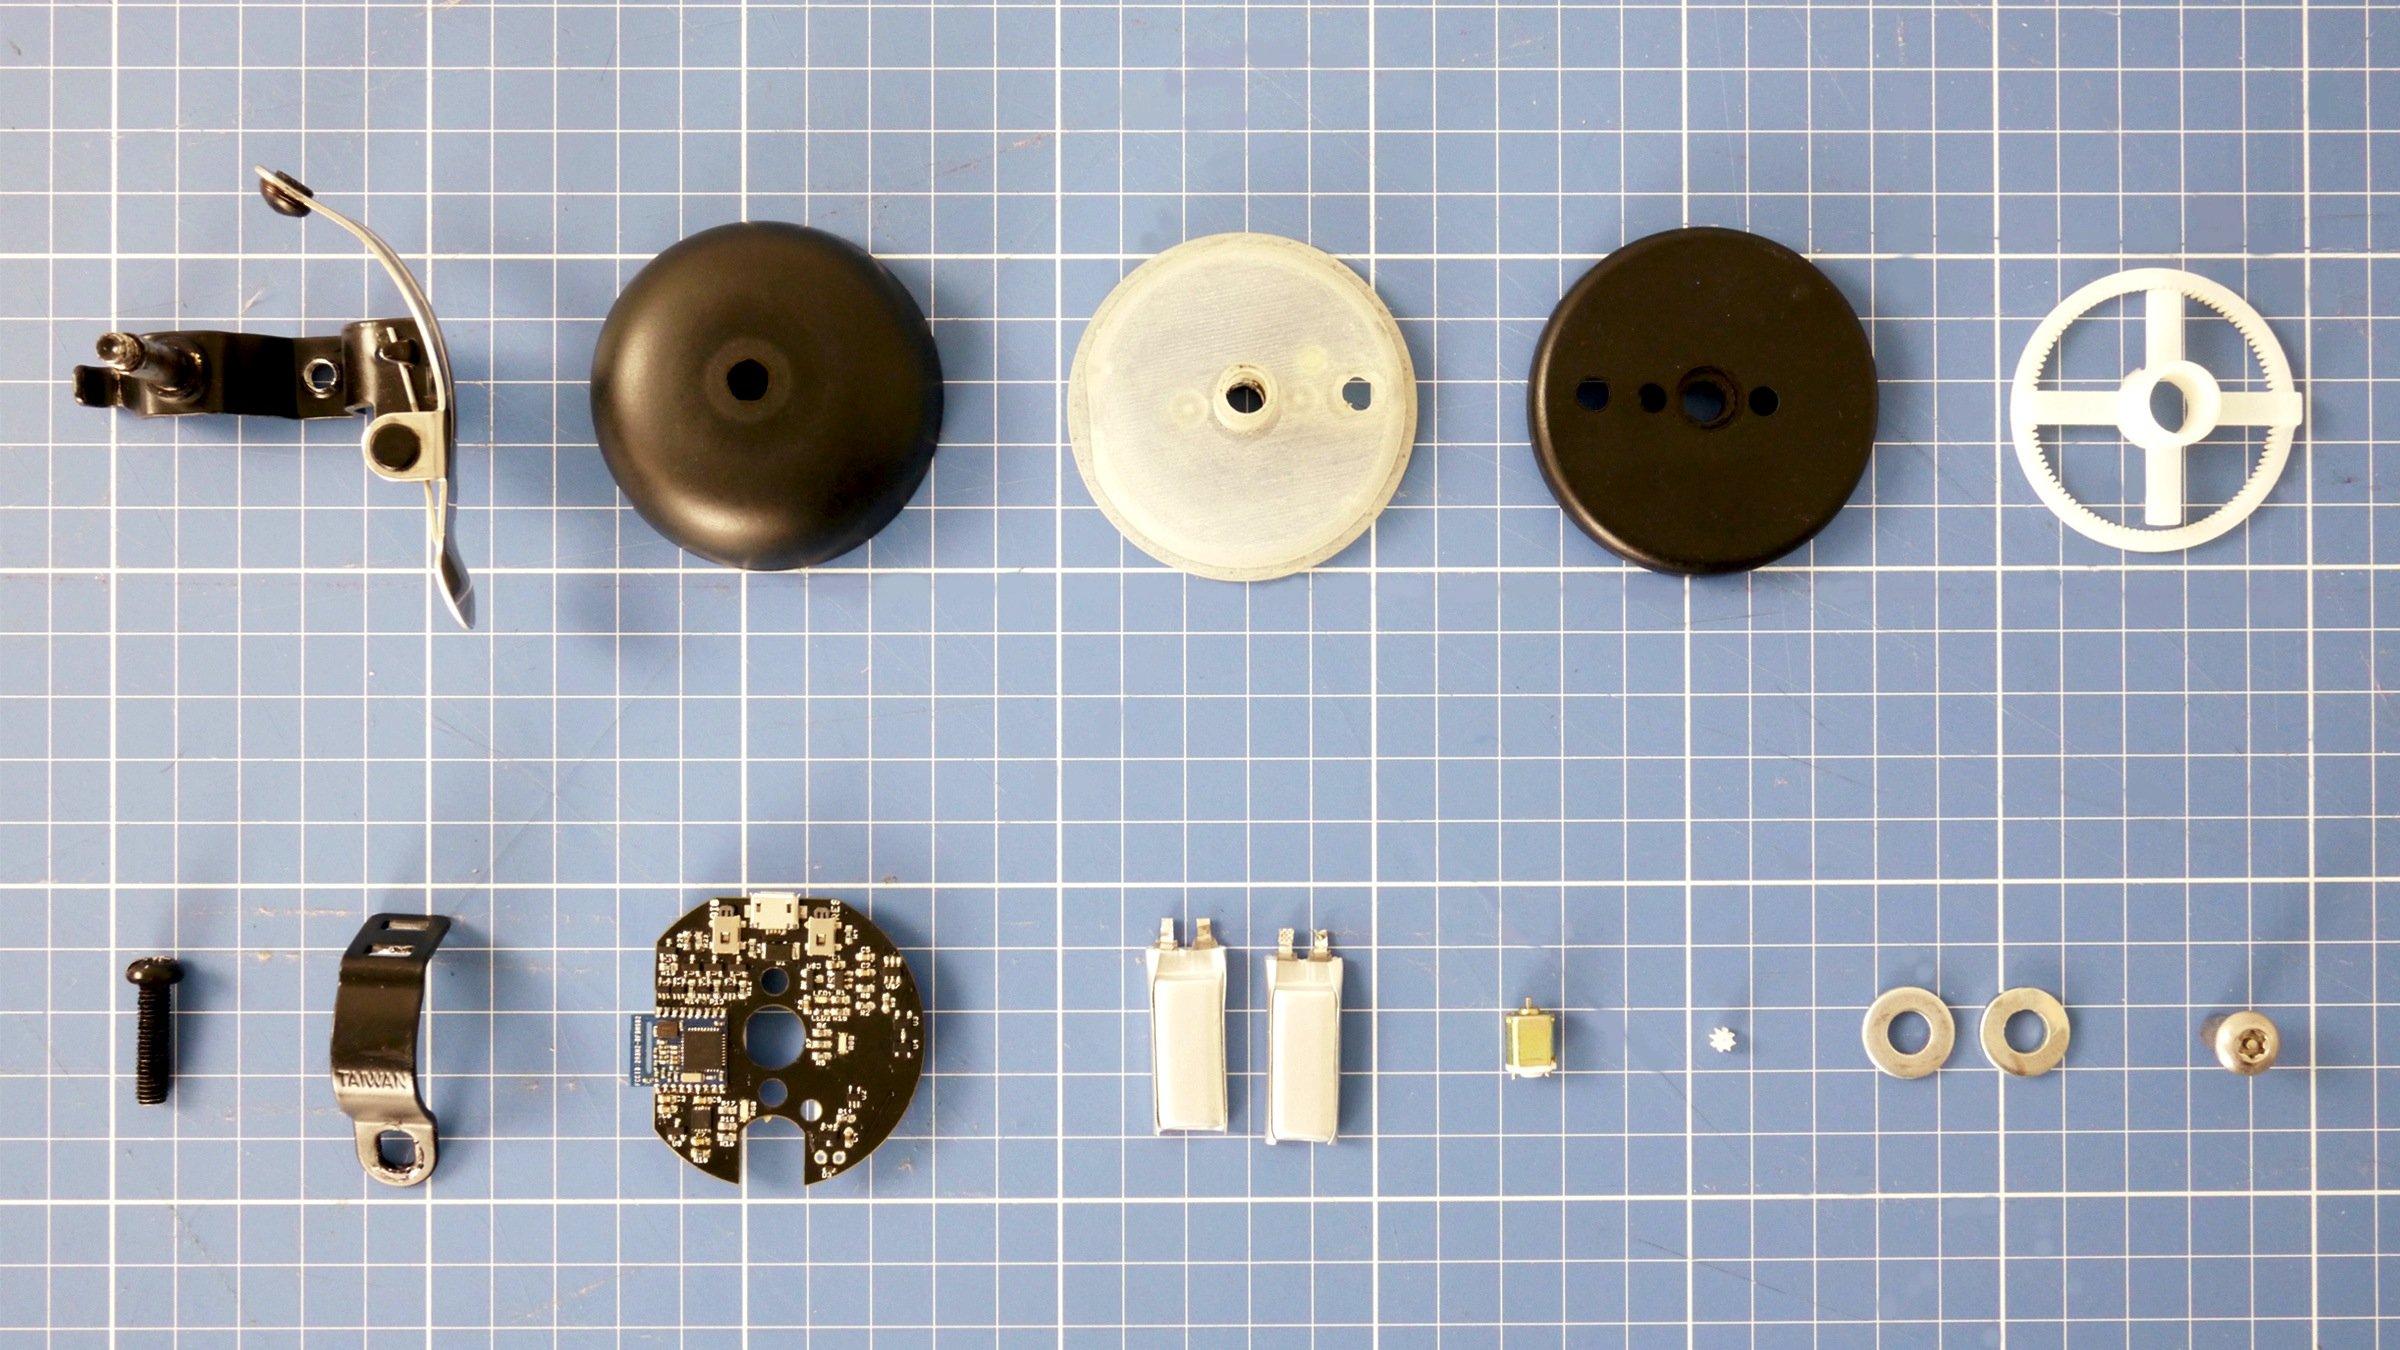 Die Klingel enthält eine sehr kompakte Elektronik, die per App vom Smartphone aus angesteuert werden kann. Geladen wird die Klingel per USB-Kabel.